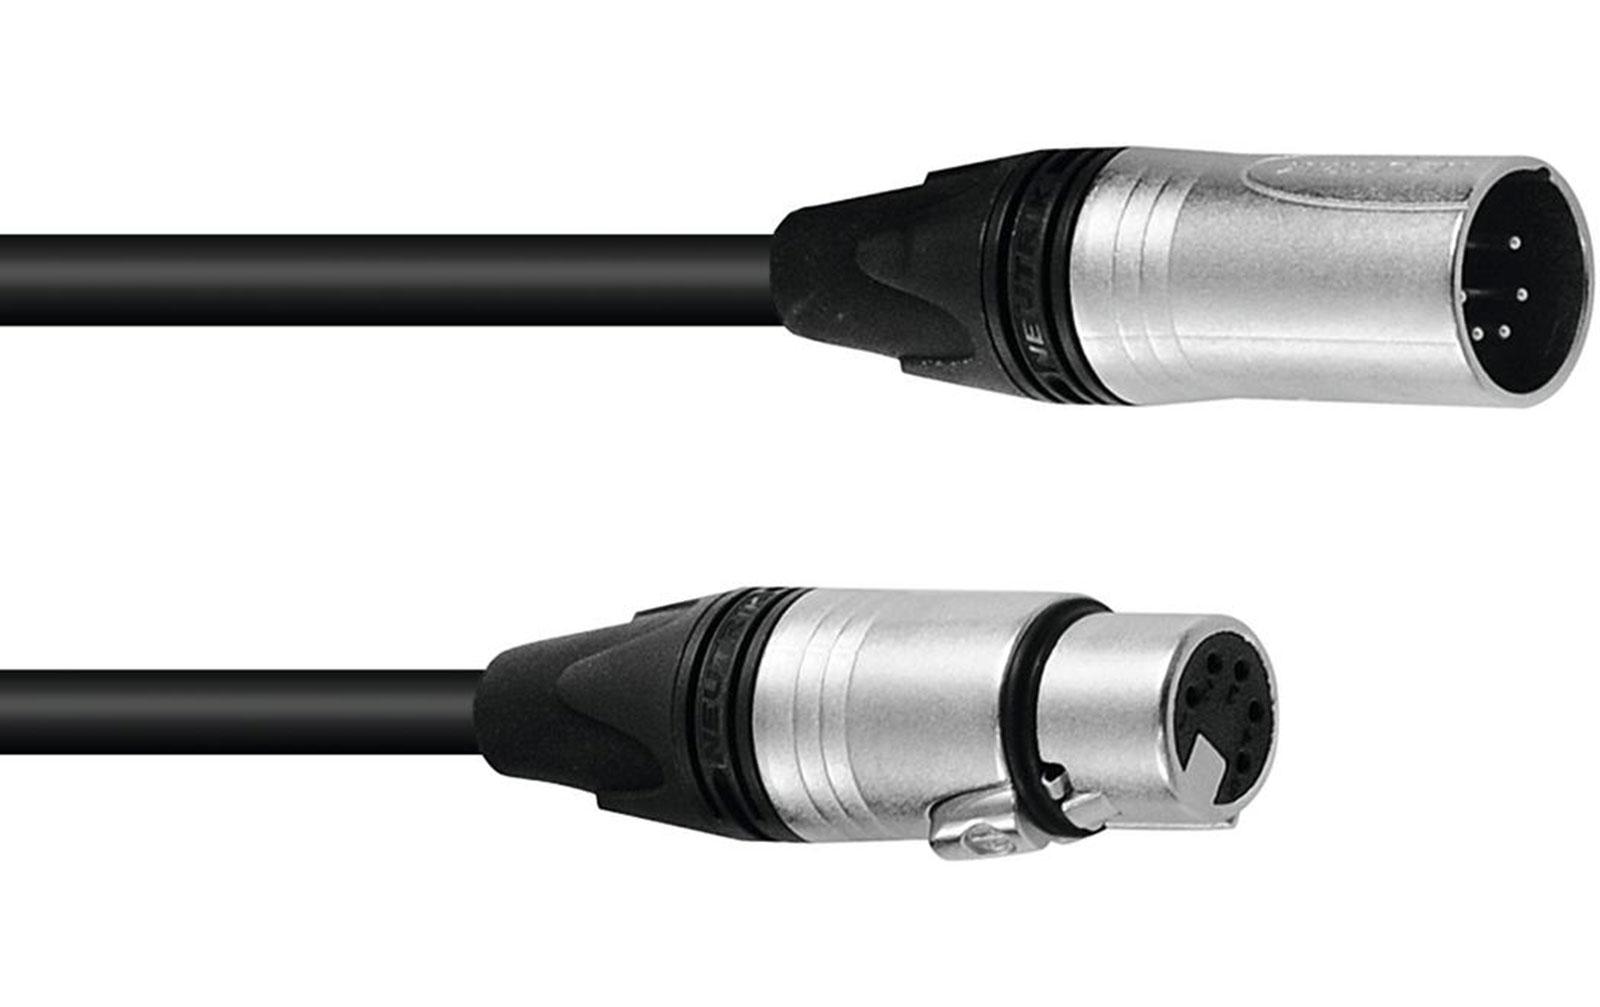 psso-dmx-kabel-xlr-5pol-1-5m-sw-neutrik